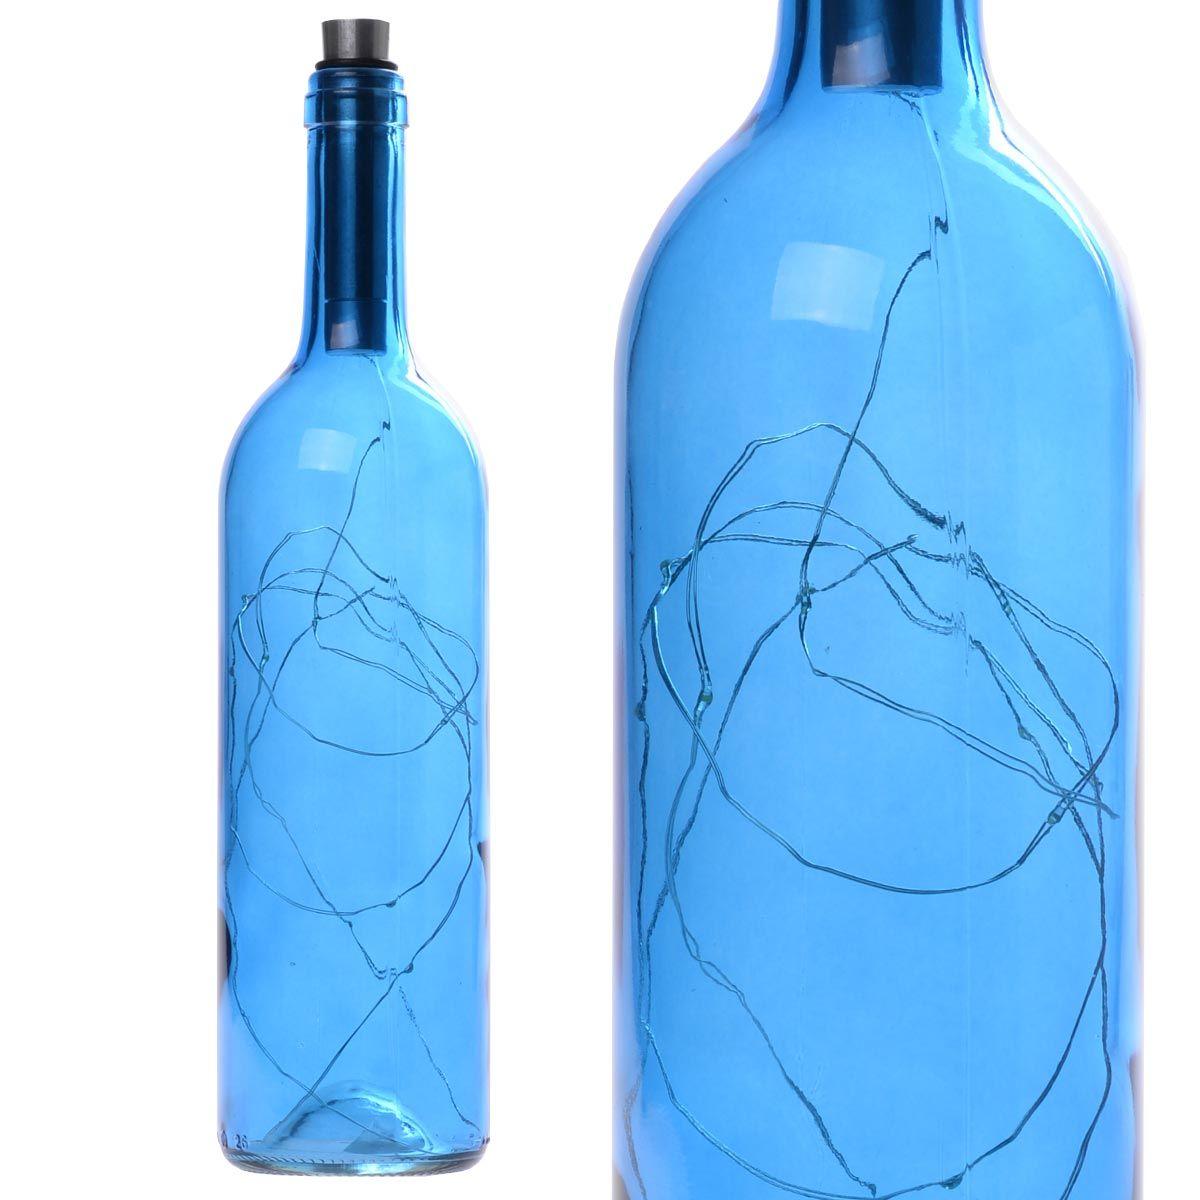 Διακοσμητικό φωτιστικό σε μπουκάλι κρασιού με LED φωτισμό - Γαλάζιο